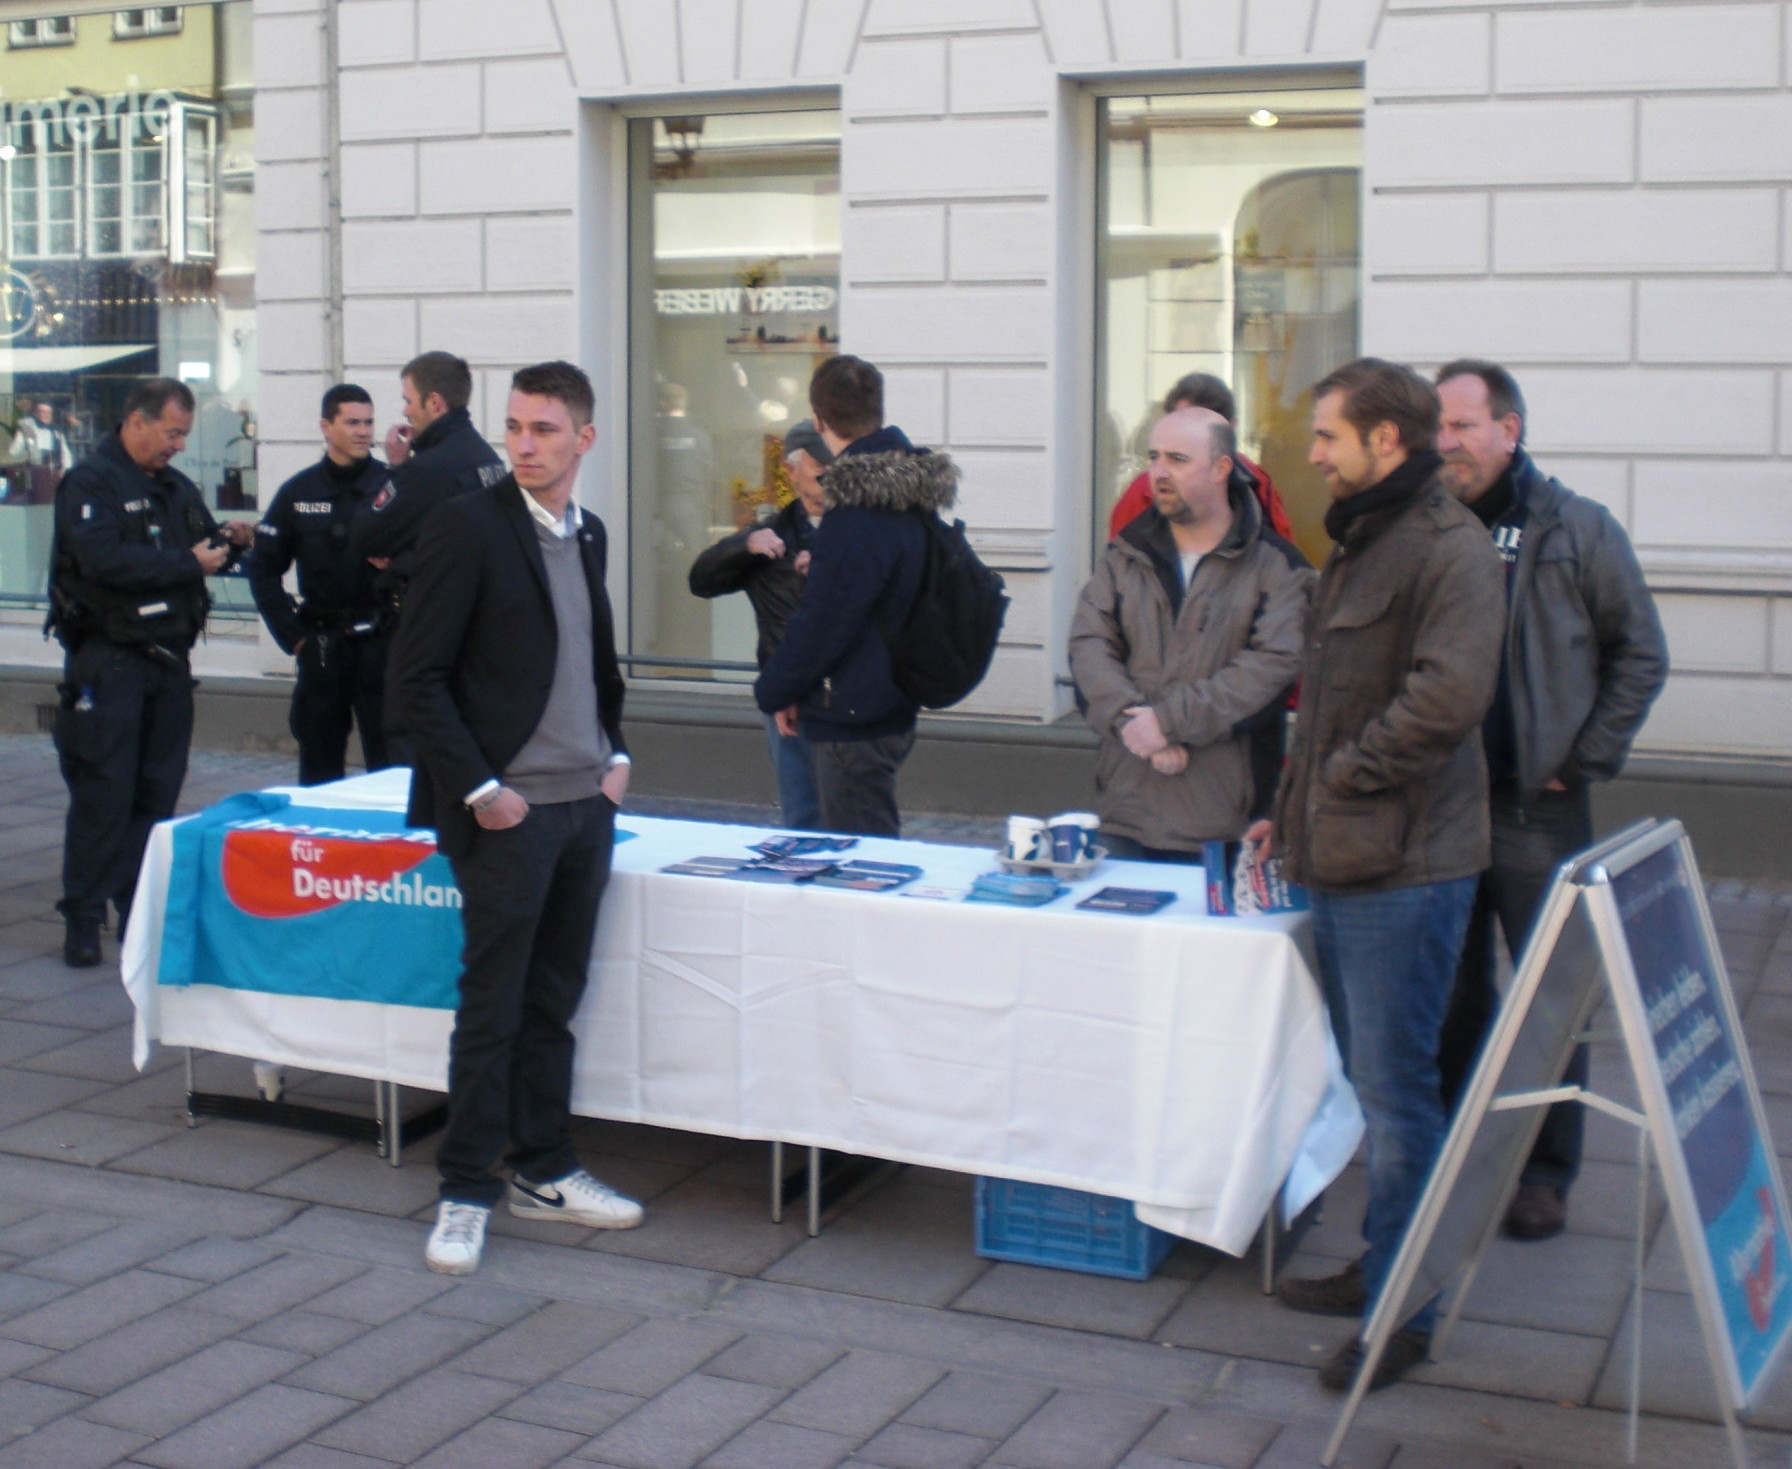 Rüdiger Löper (rechts), Stephan Bothe (2. von rechts), Martin Dingeldey (3.von rechts), Frank Rinck (vor dem Tisch)